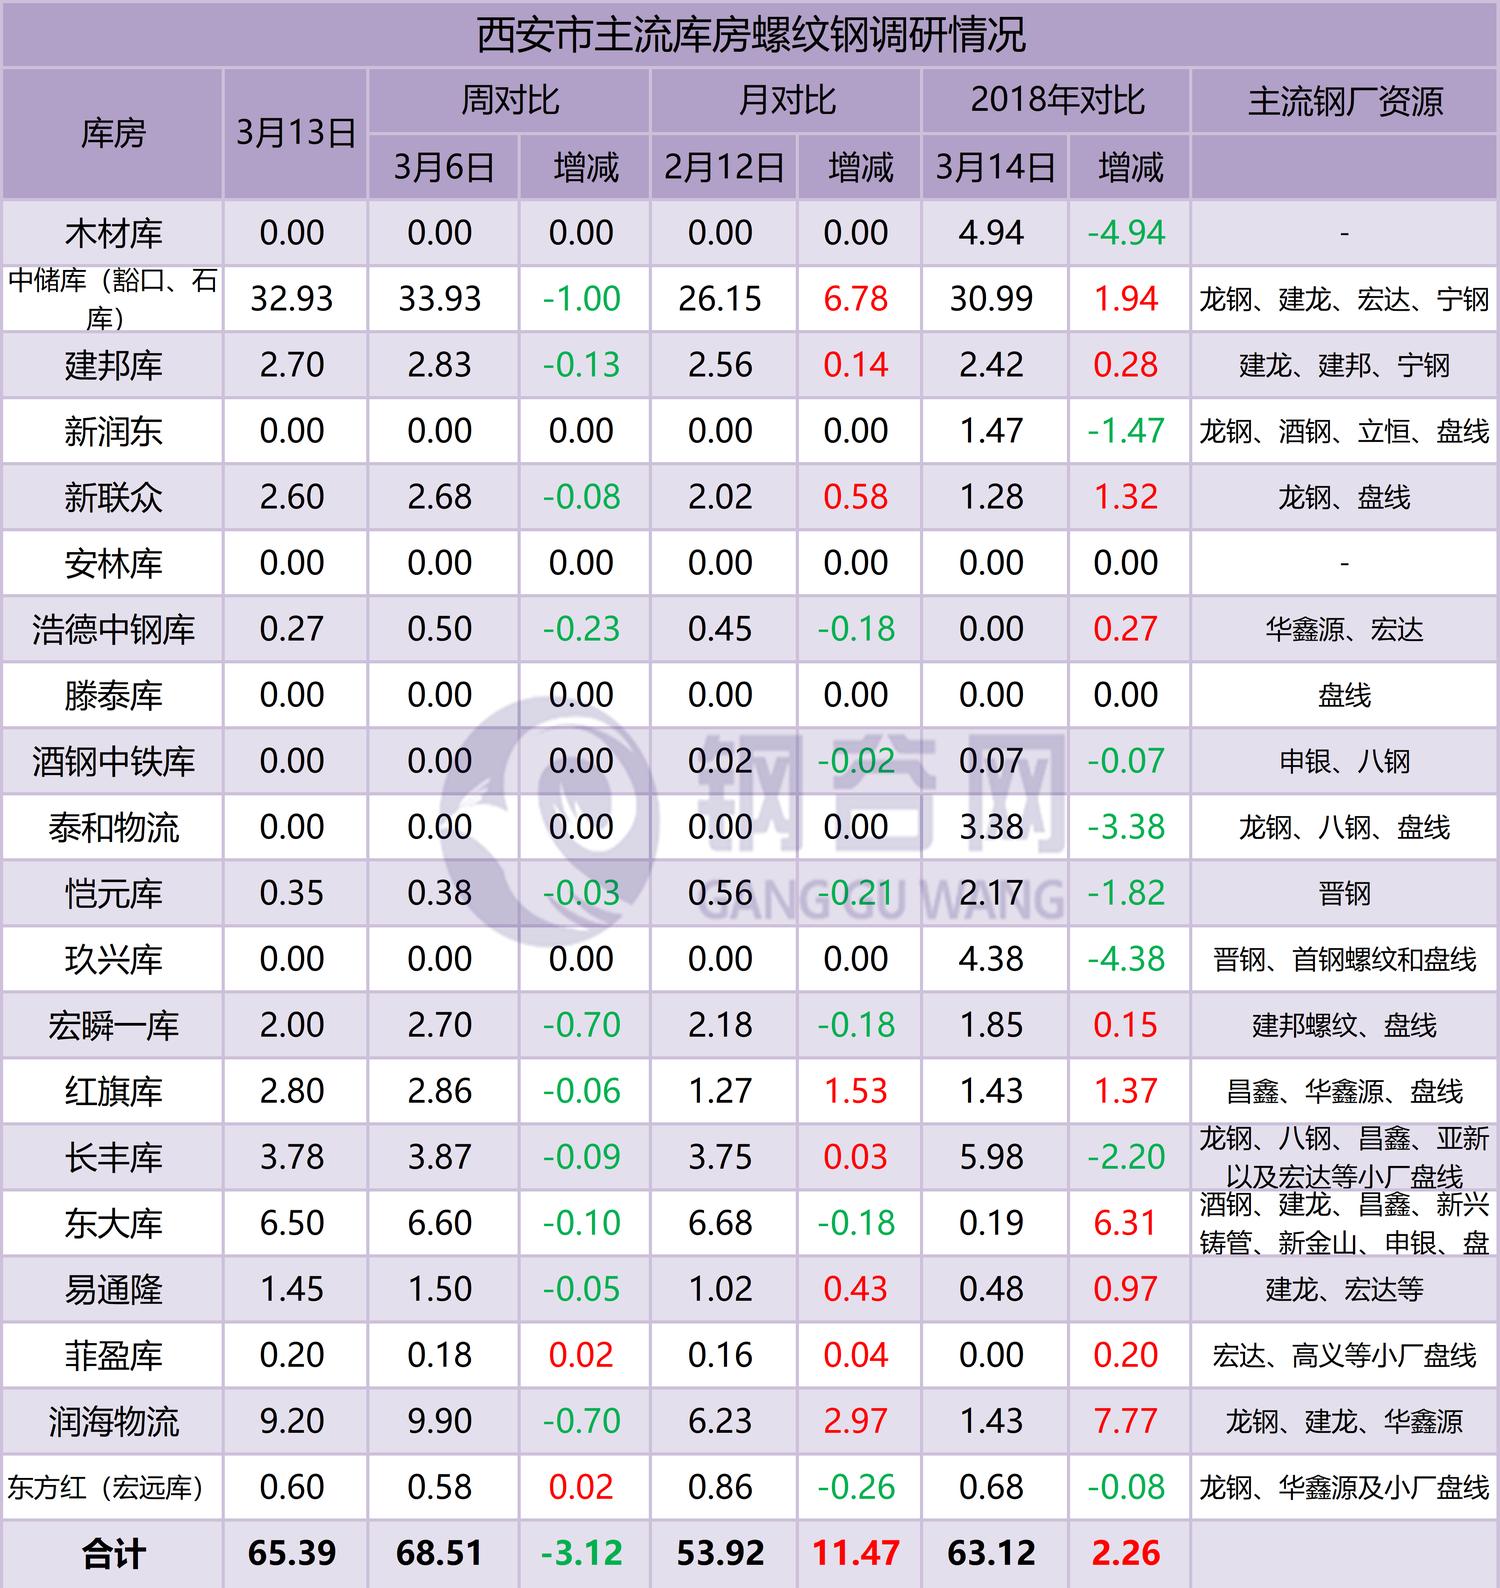 西安螺纹钢资源对比表.png